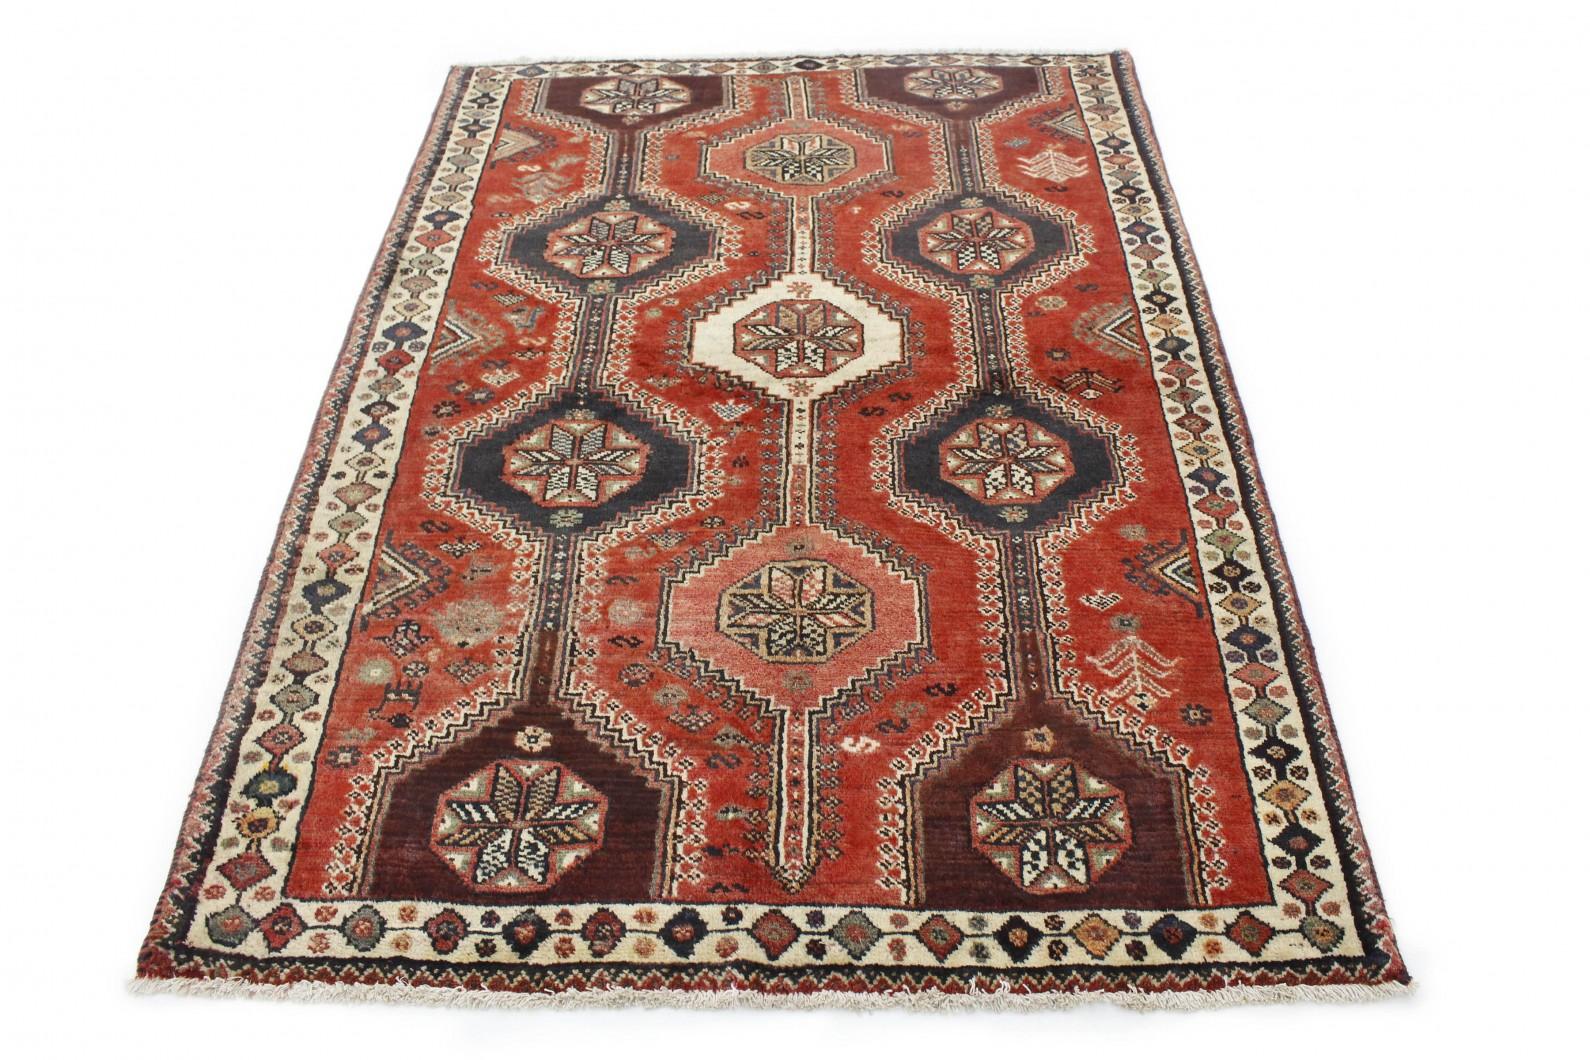 Klassischer Vintage-Teppich Shiraz in 210x150 (1 / 4)